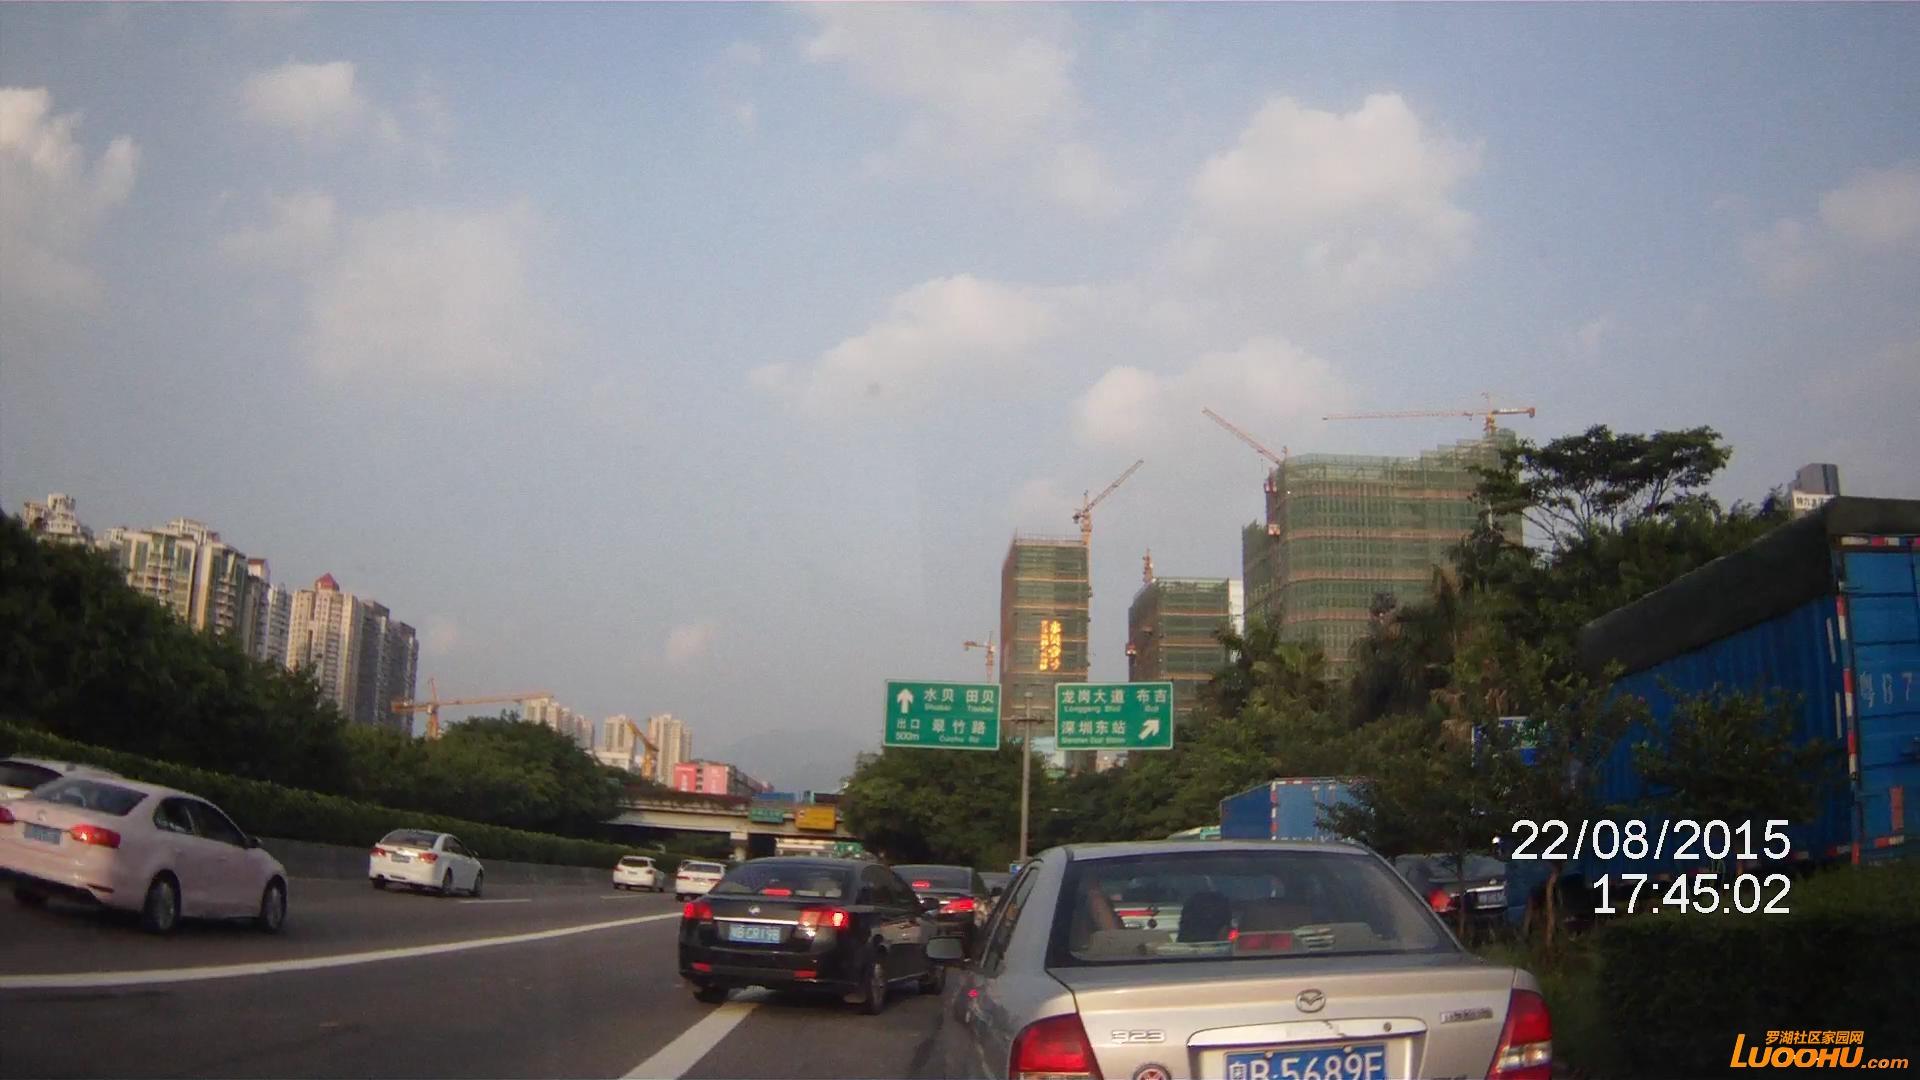 泥岗路由西往东(2).jpg